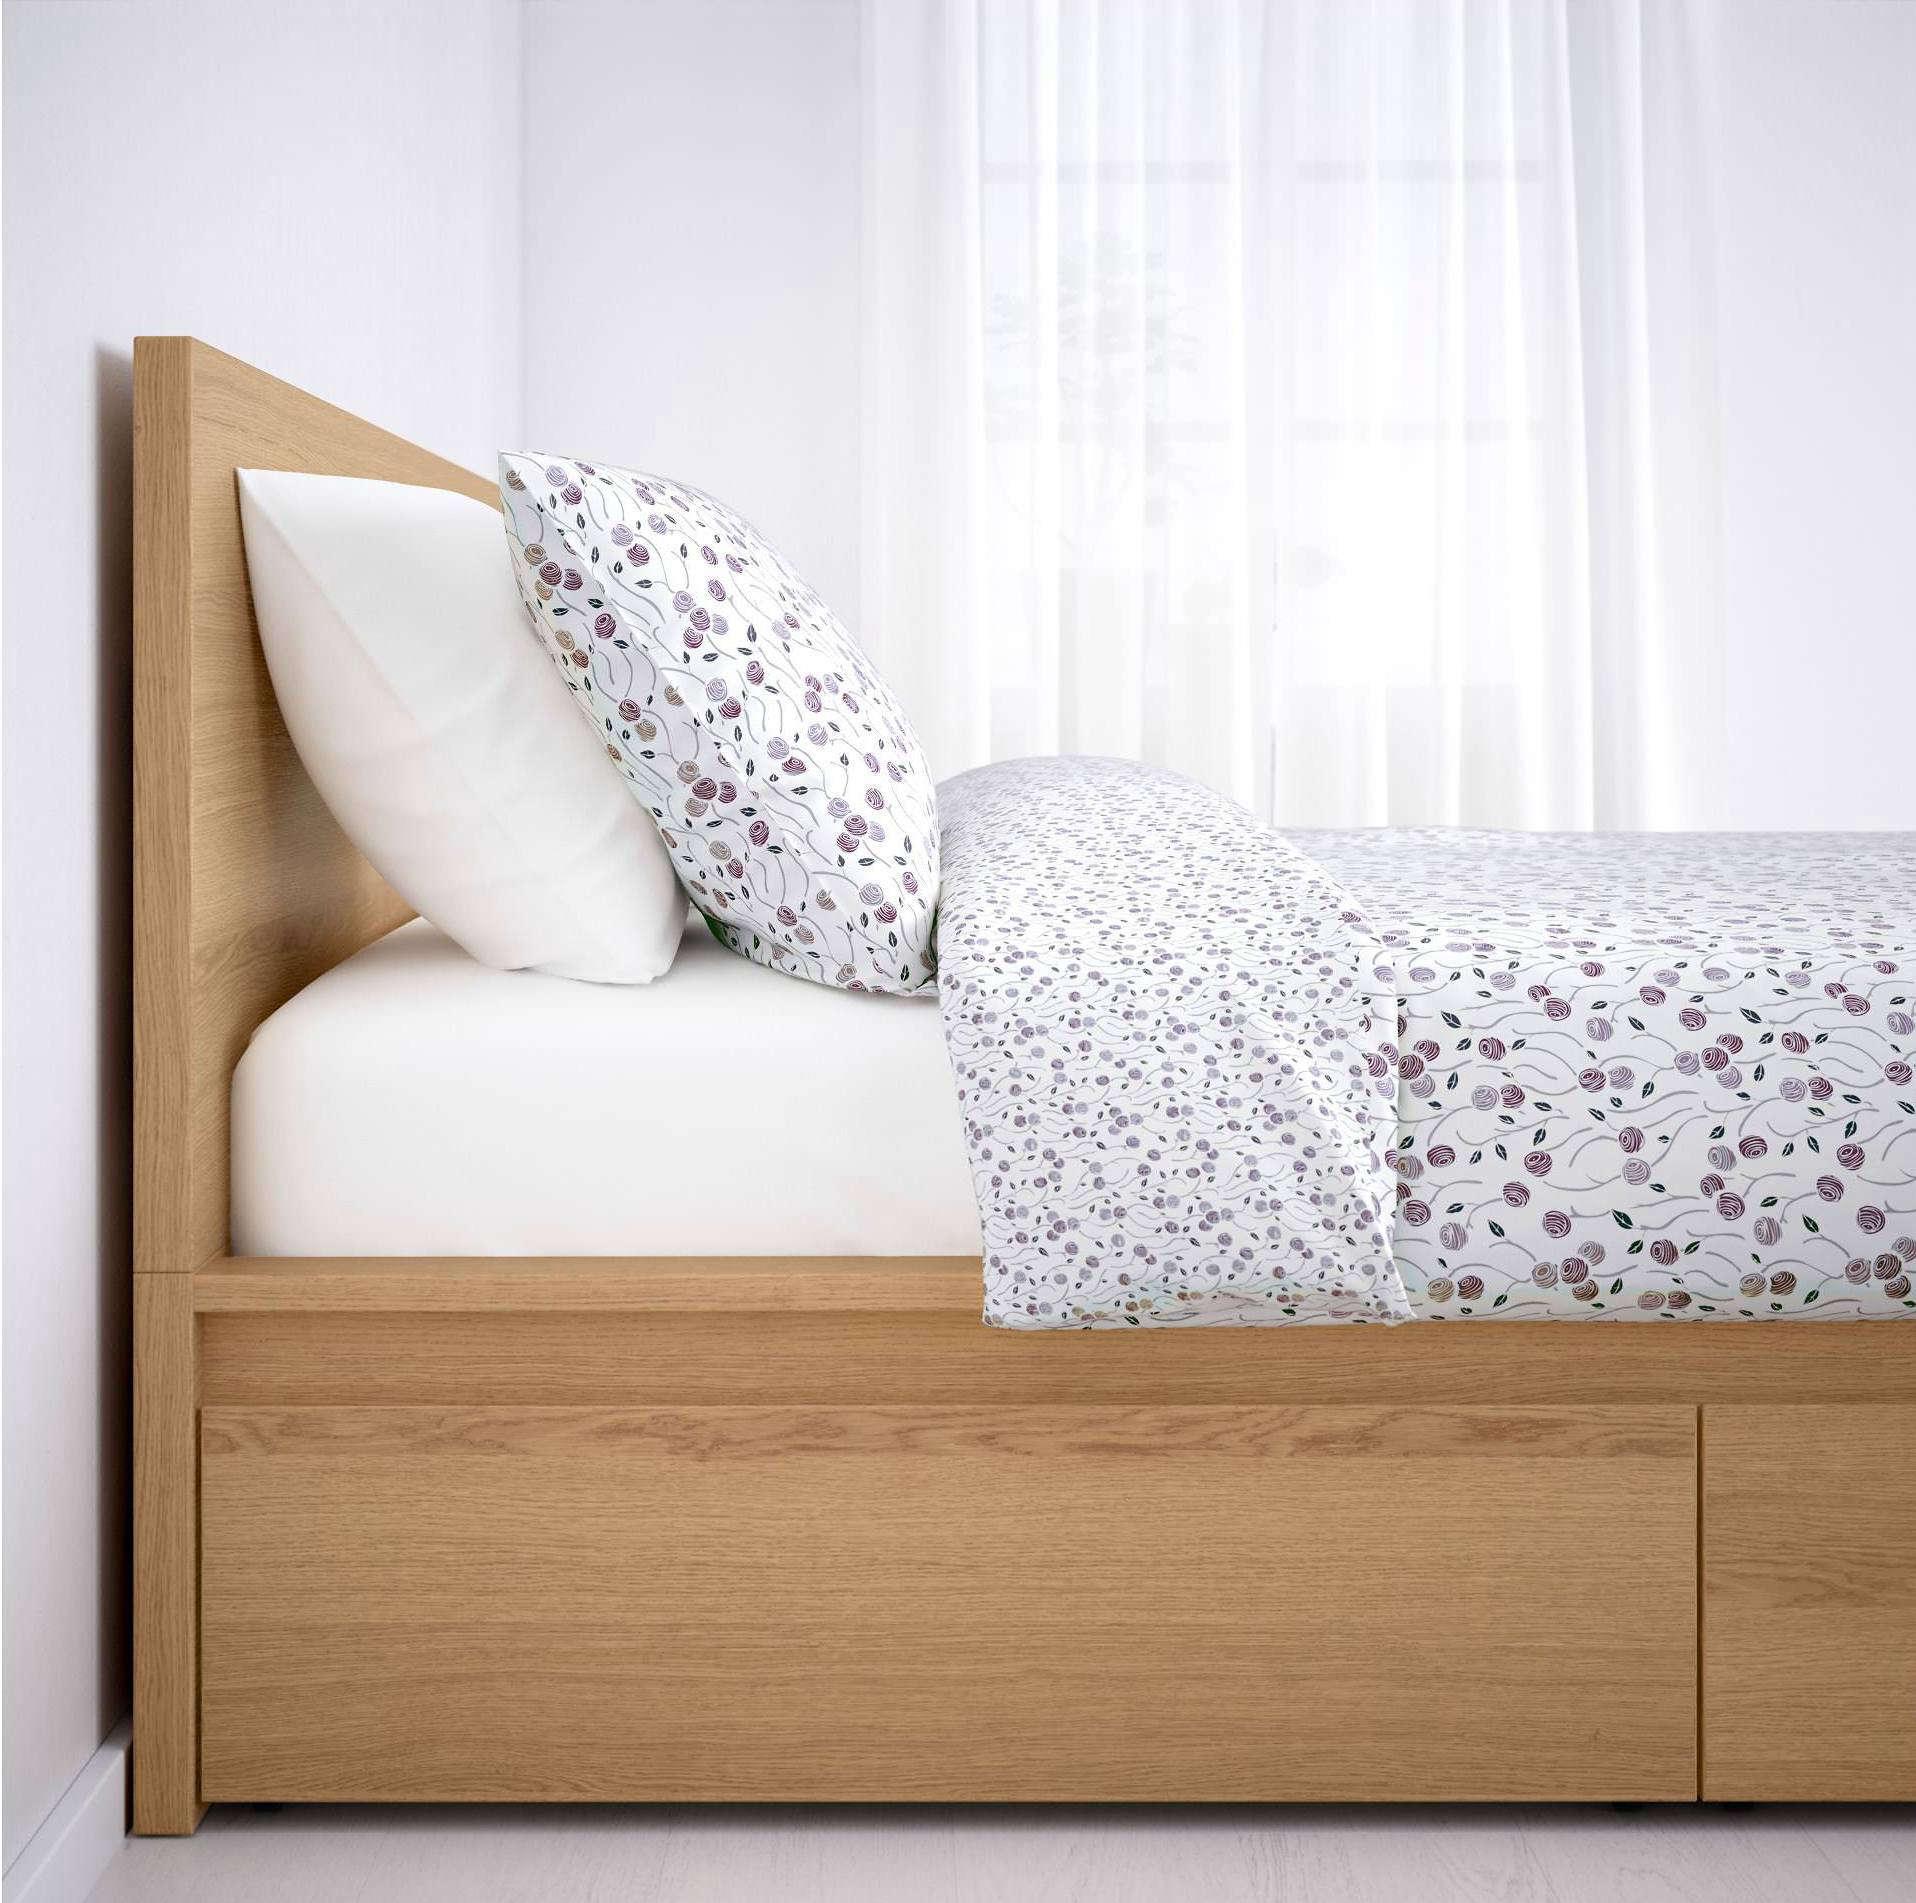 IKEA Malm Storage Bed in Oak